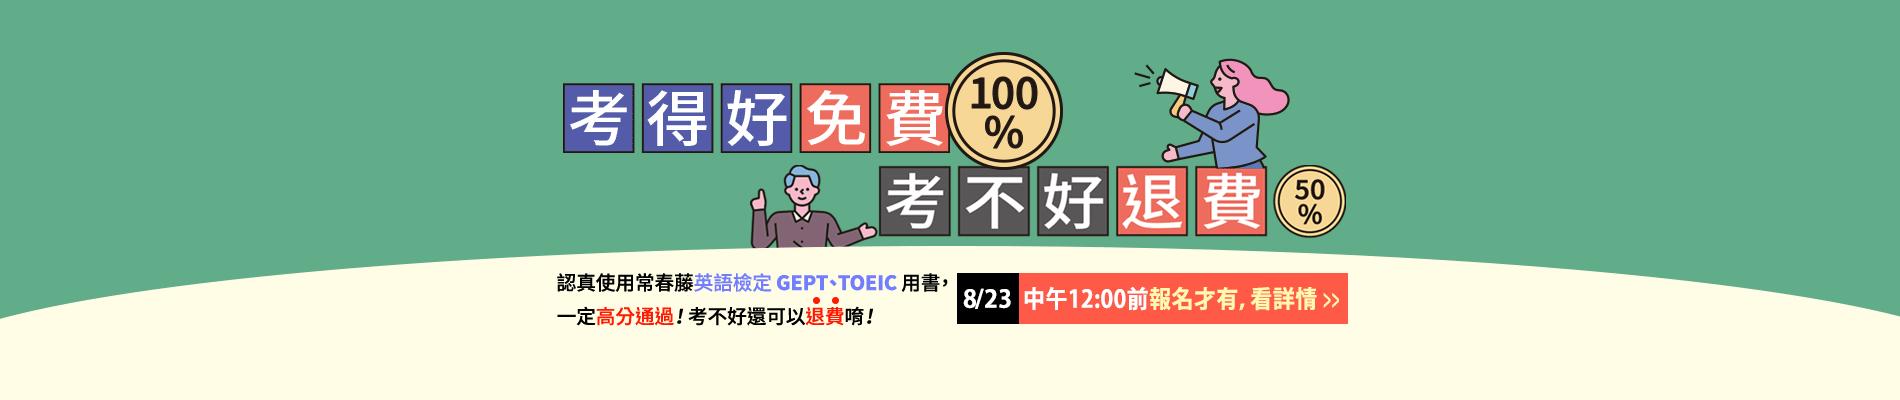 【TOEIC / GEPT英檢獨享任3本75折】考得好免費,考不好退費!